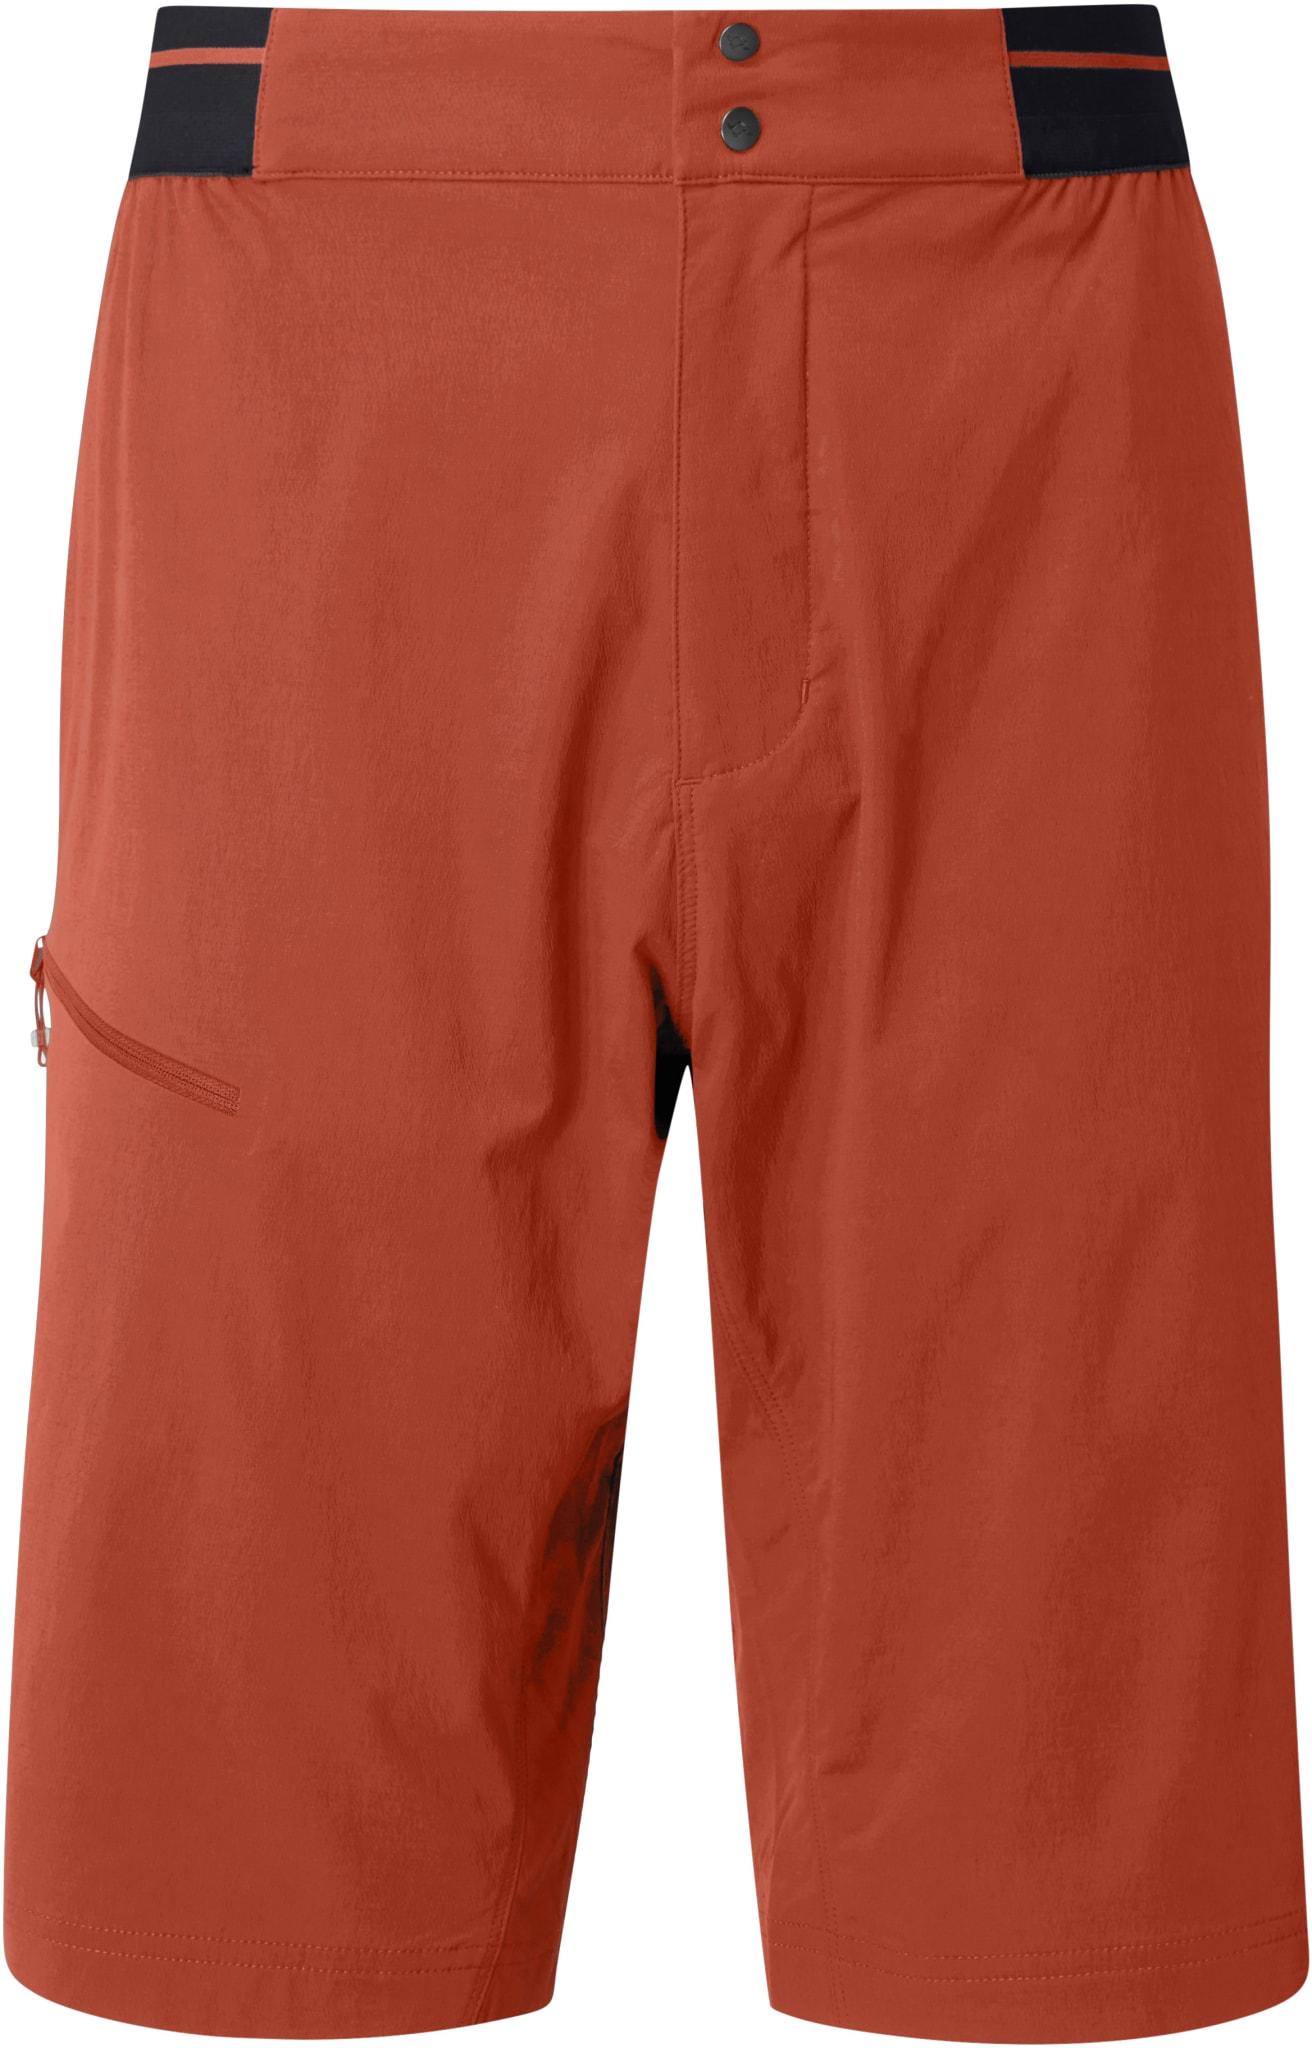 Lett shorts med svært god bevegelighet